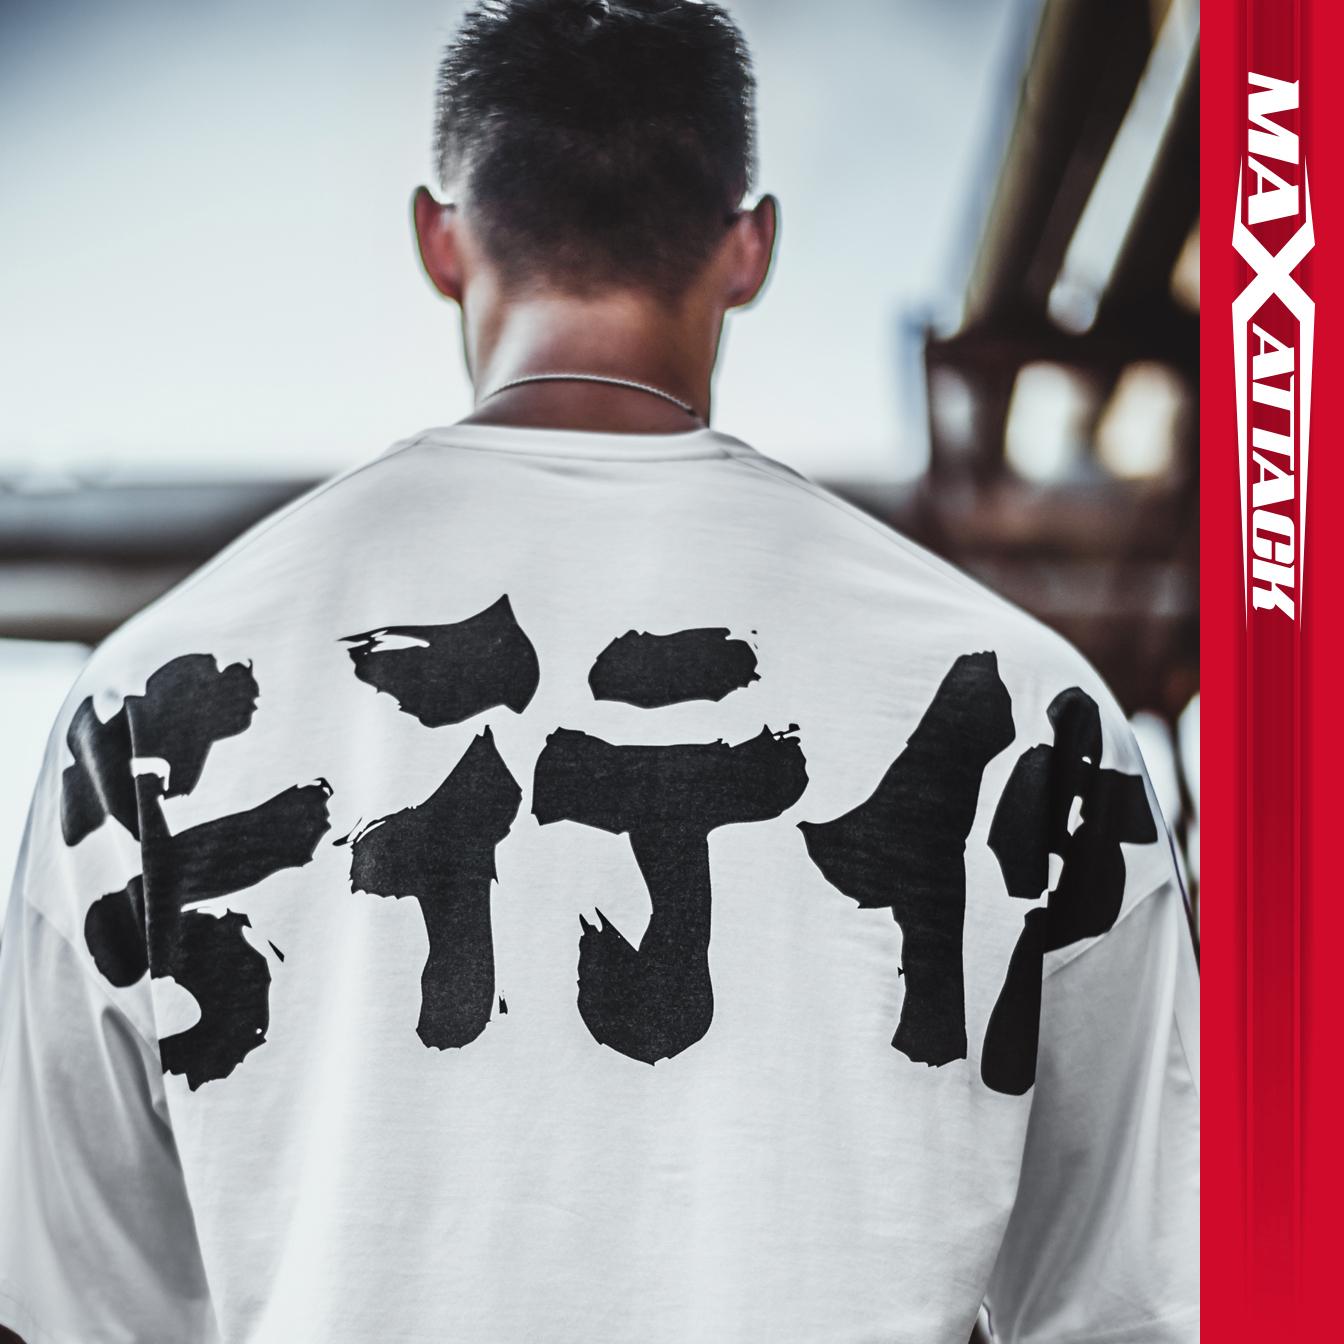 恤T休闲大码半袖透气健身宽松运动短袖男oversize潮牌MAXATTACK